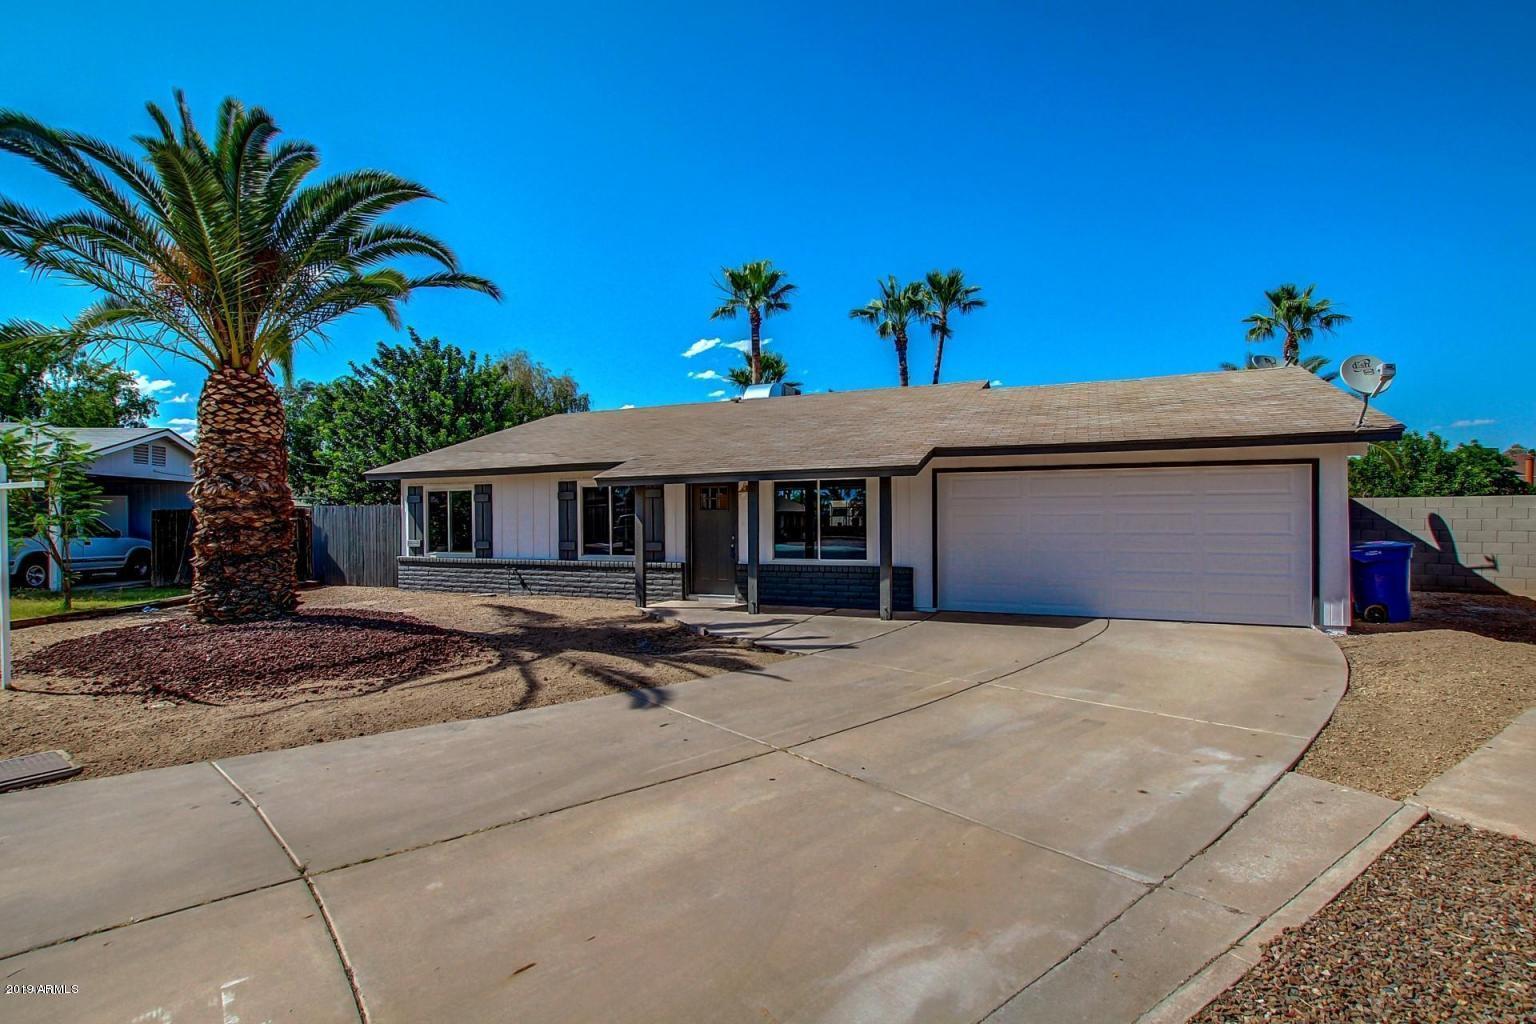 Photo of 531 N Criss Street, Chandler, AZ 85226